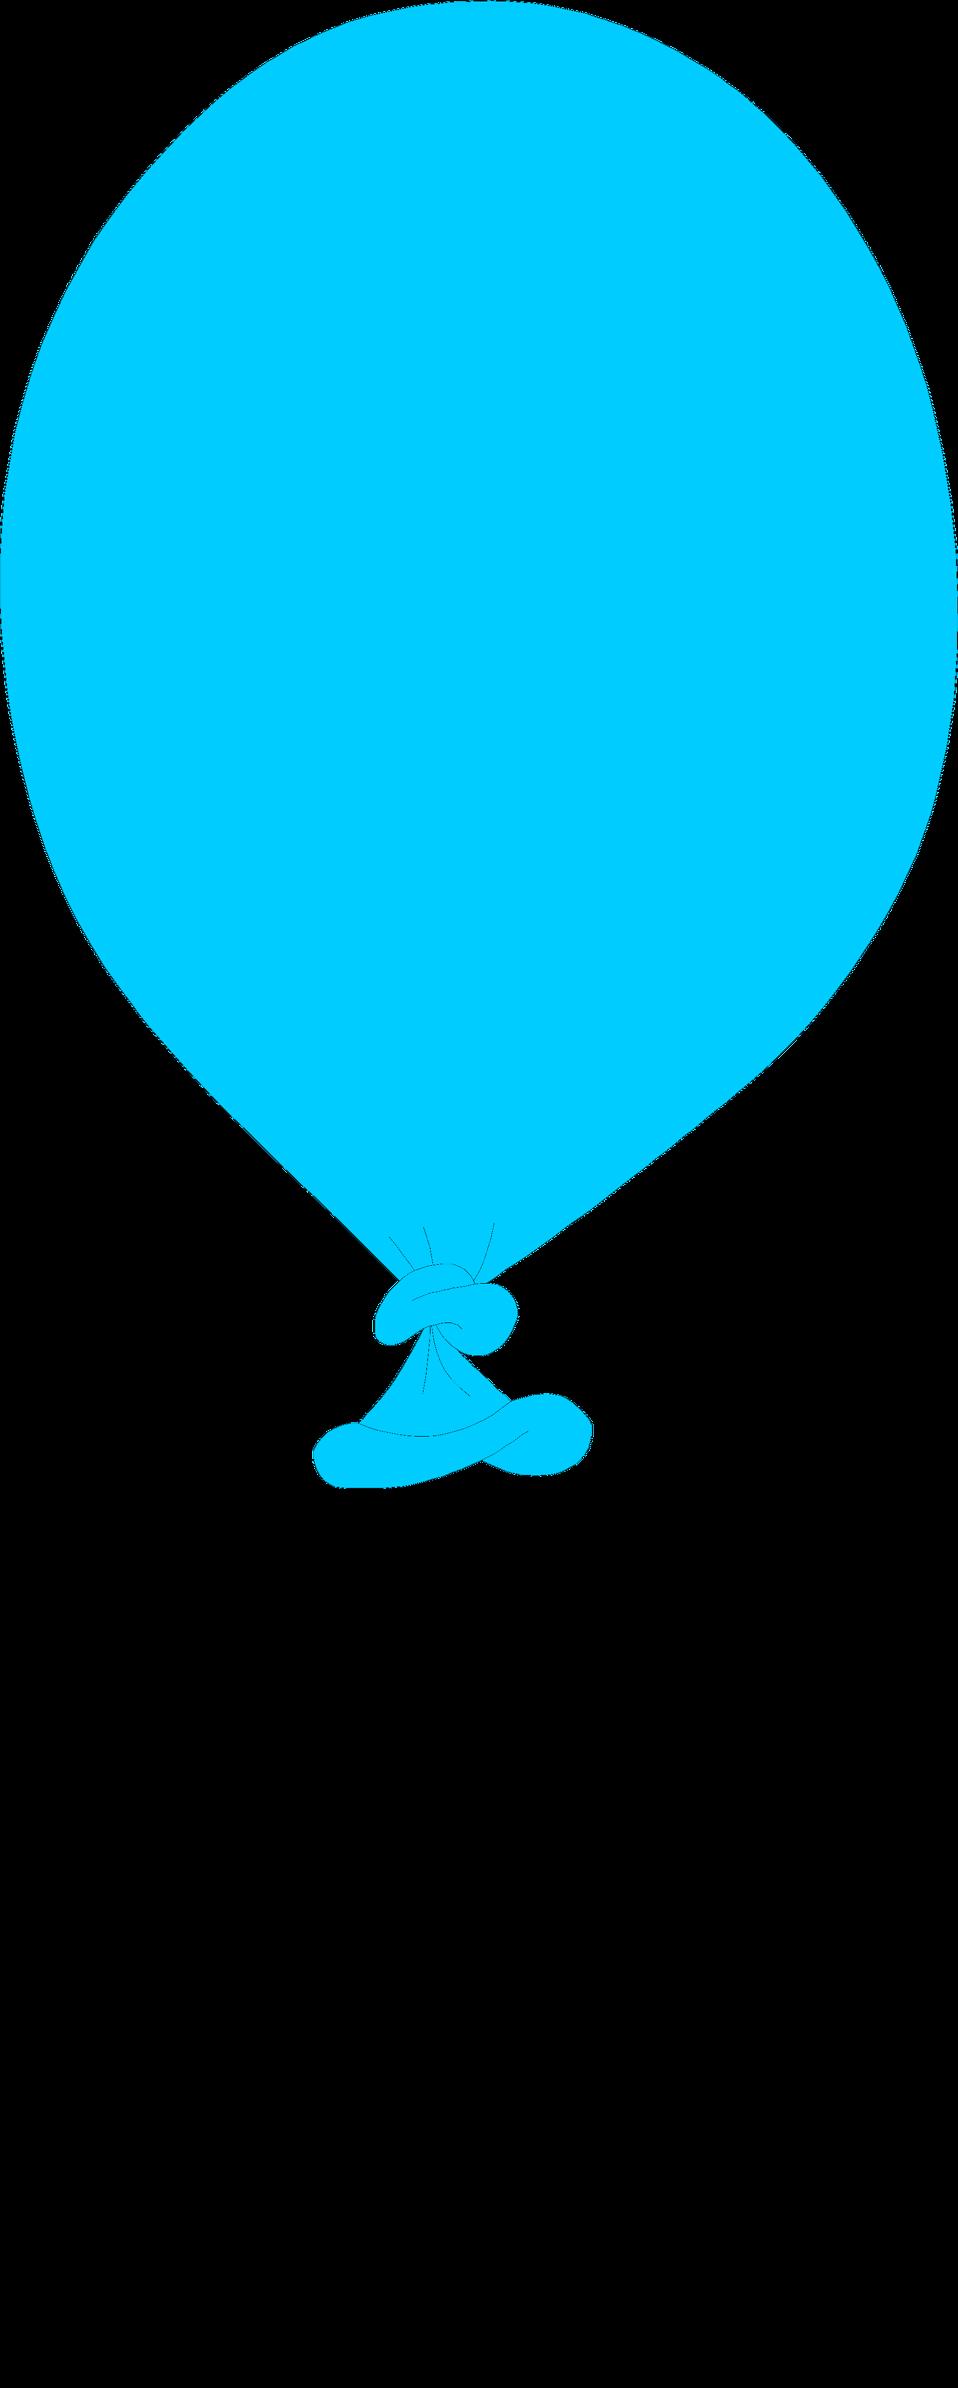 Free stock photo illustration. Clipart balloon turquoise